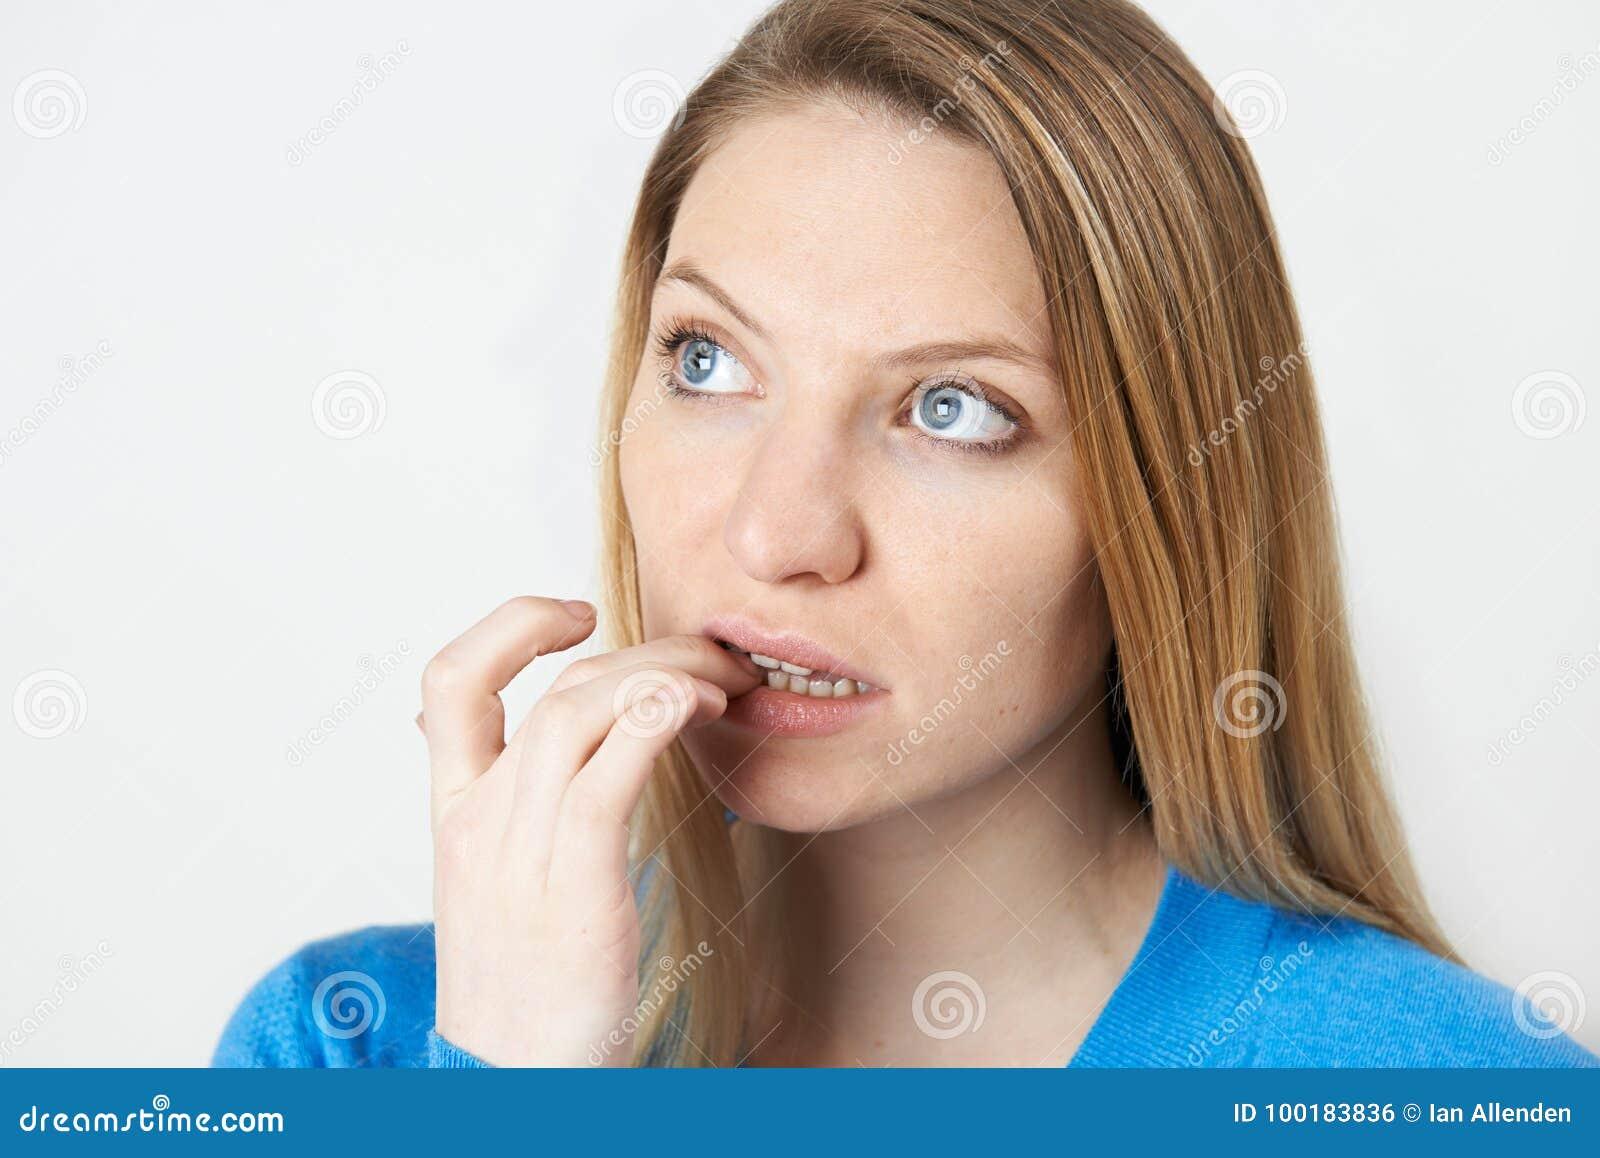 Estudio tirado de clavos penetrantes de la mujer nerviosa